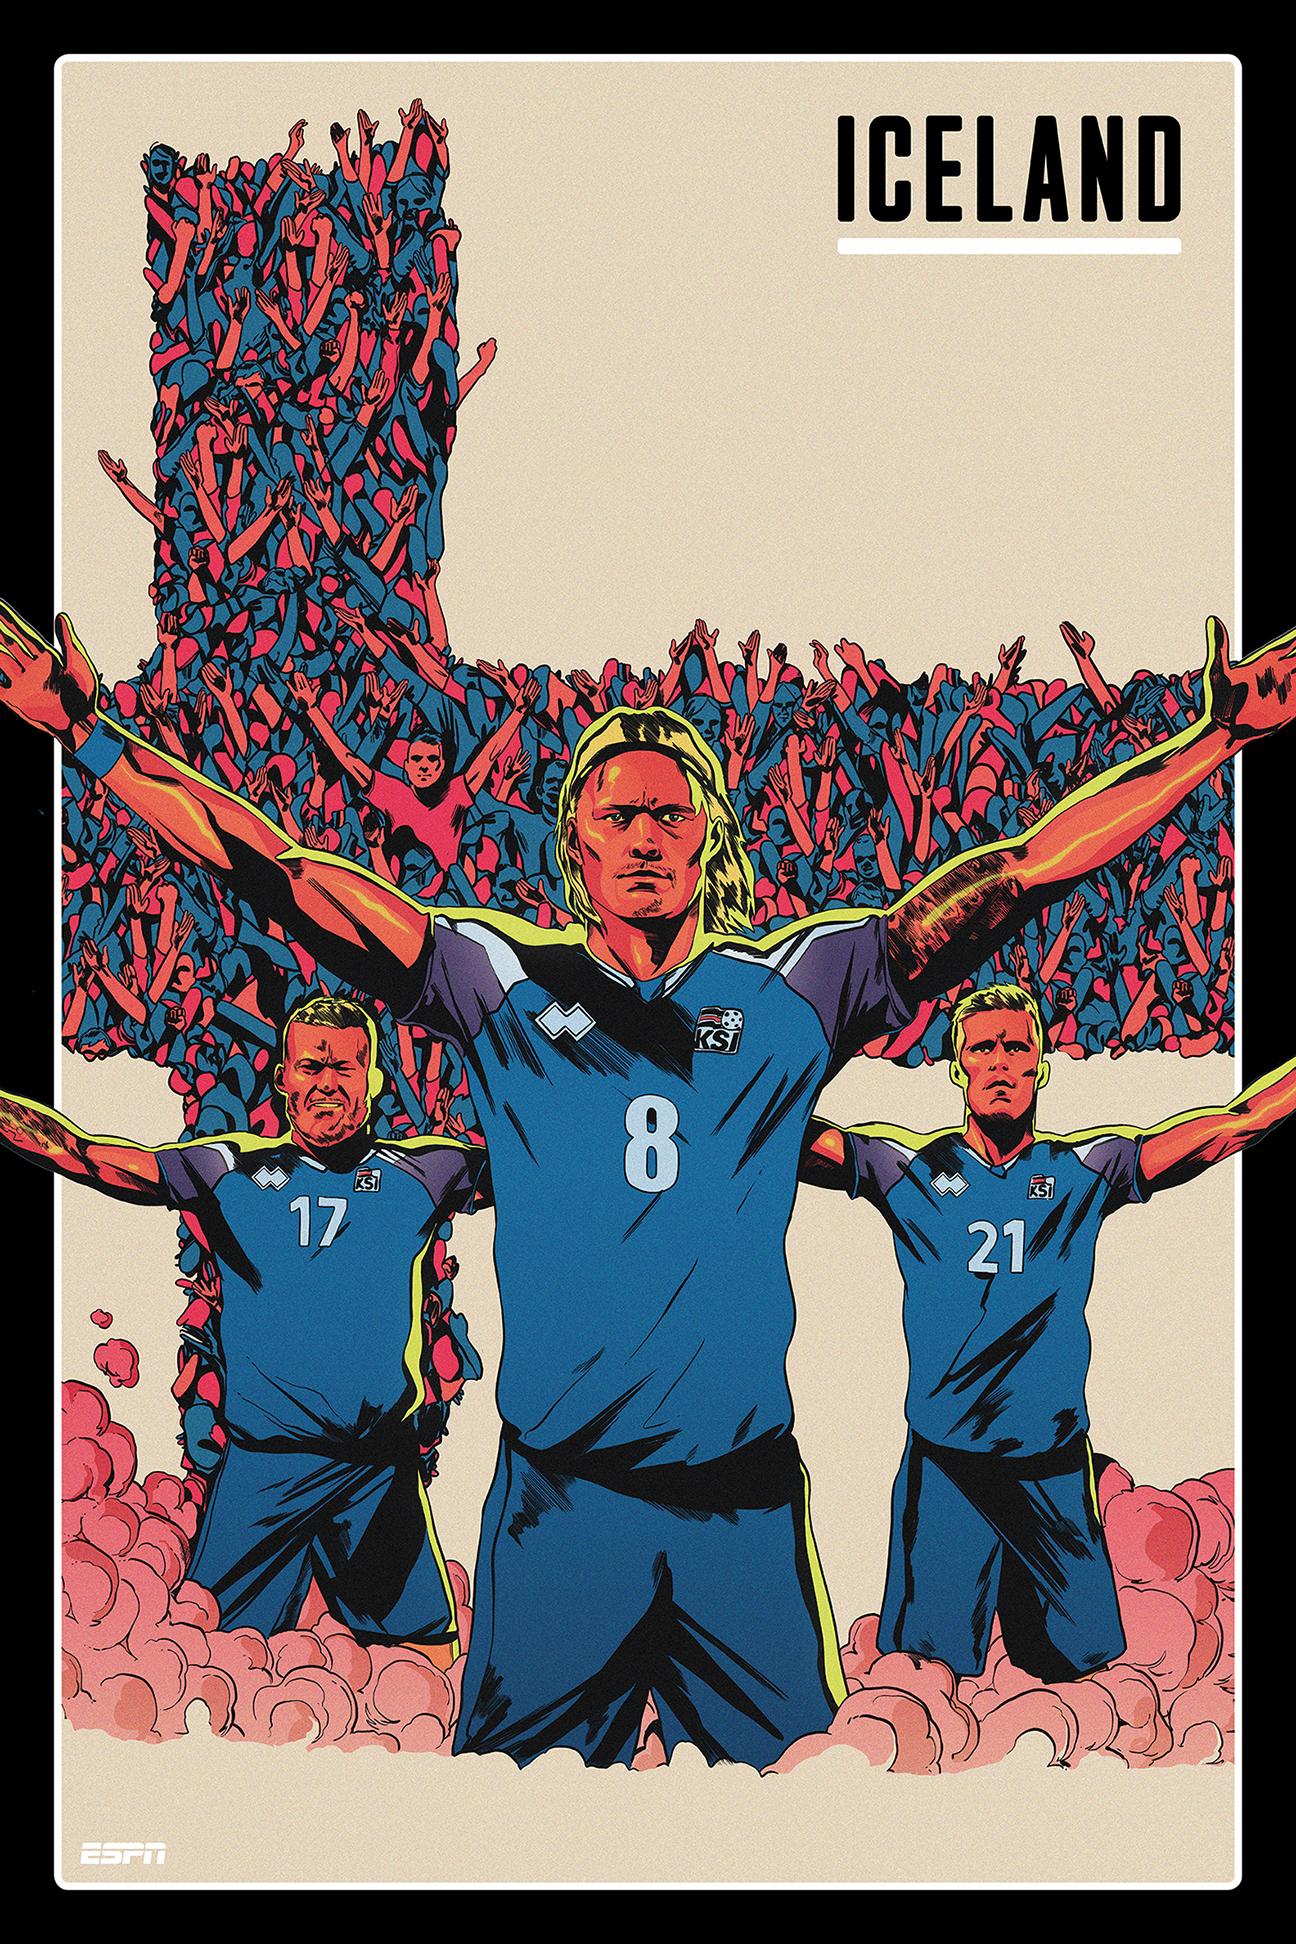 плакат россии по футболу может